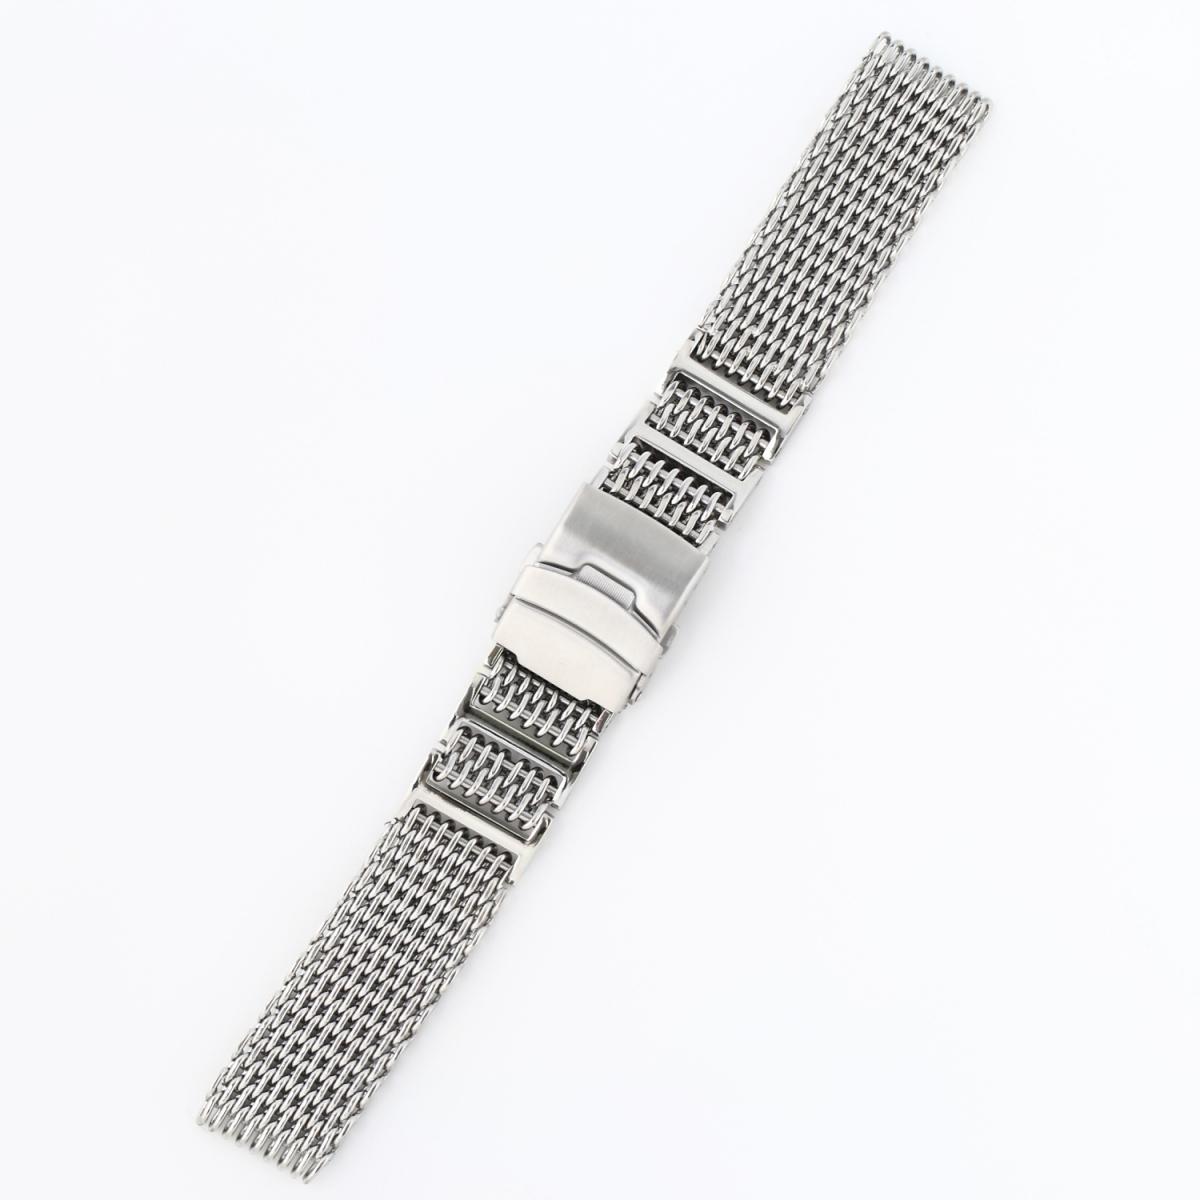 シャークメッシュ 時計ベルト 24mm Hリンク シルバーステンレス_画像2